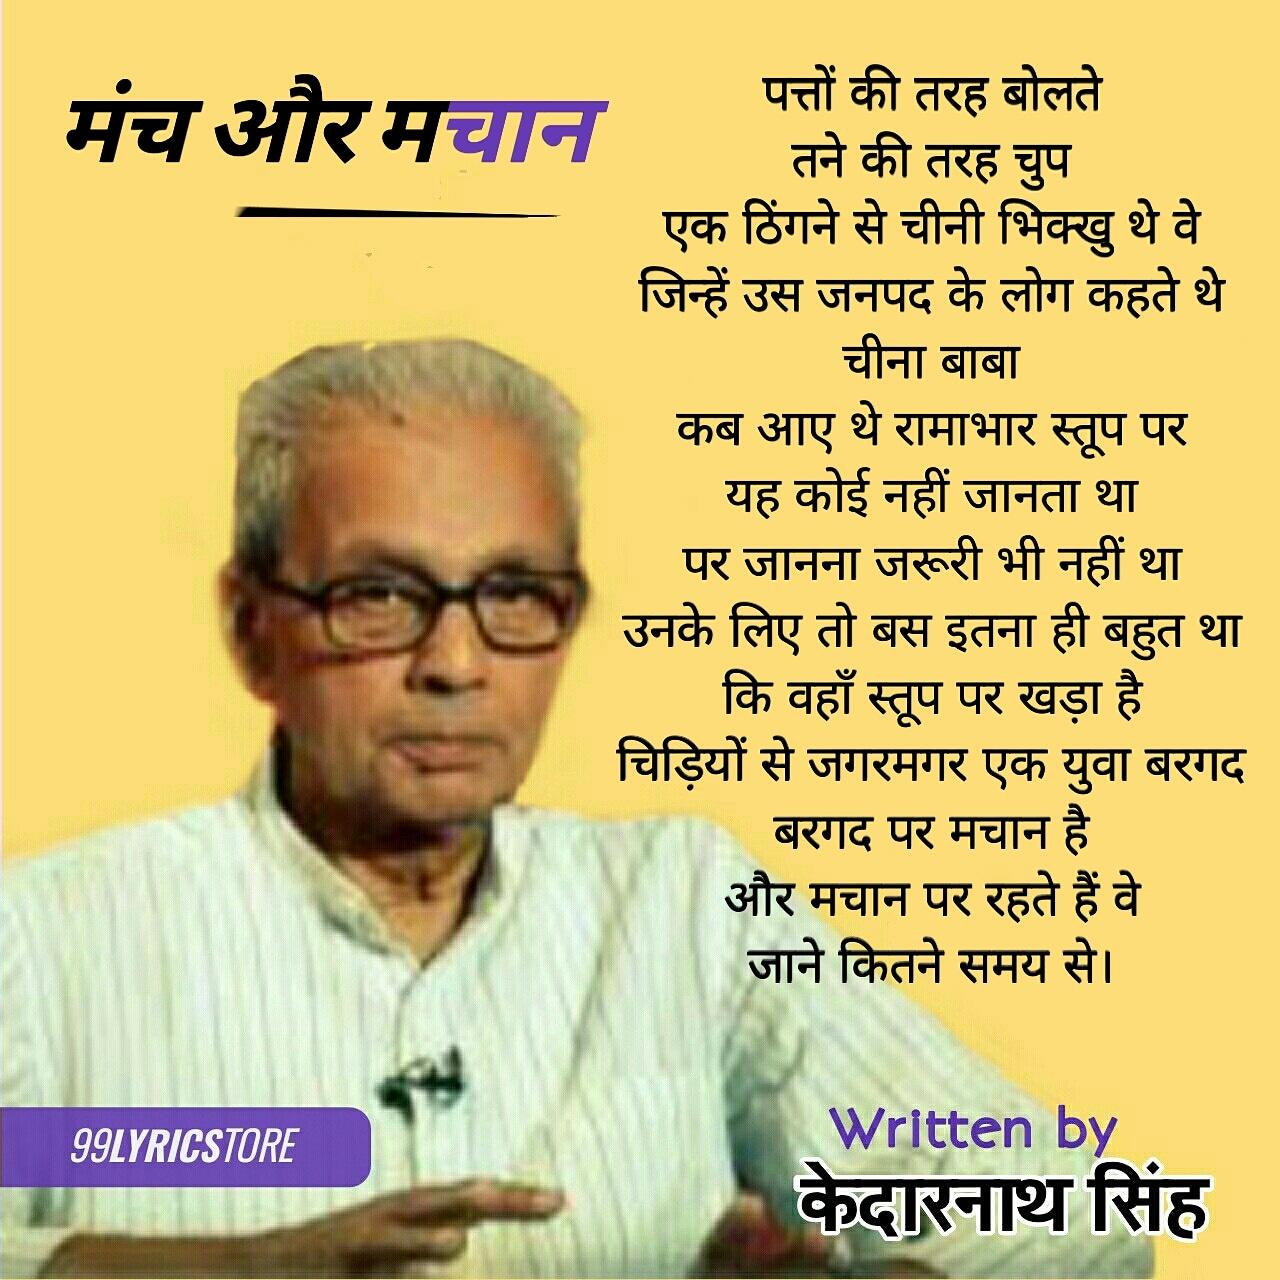 'मंच और मचान' कविता केदारनाथ सिंह जी द्वारा लिखी गई एक हिन्दी कविता है। केदार जी की ये सबसे लम्बी कविता है।